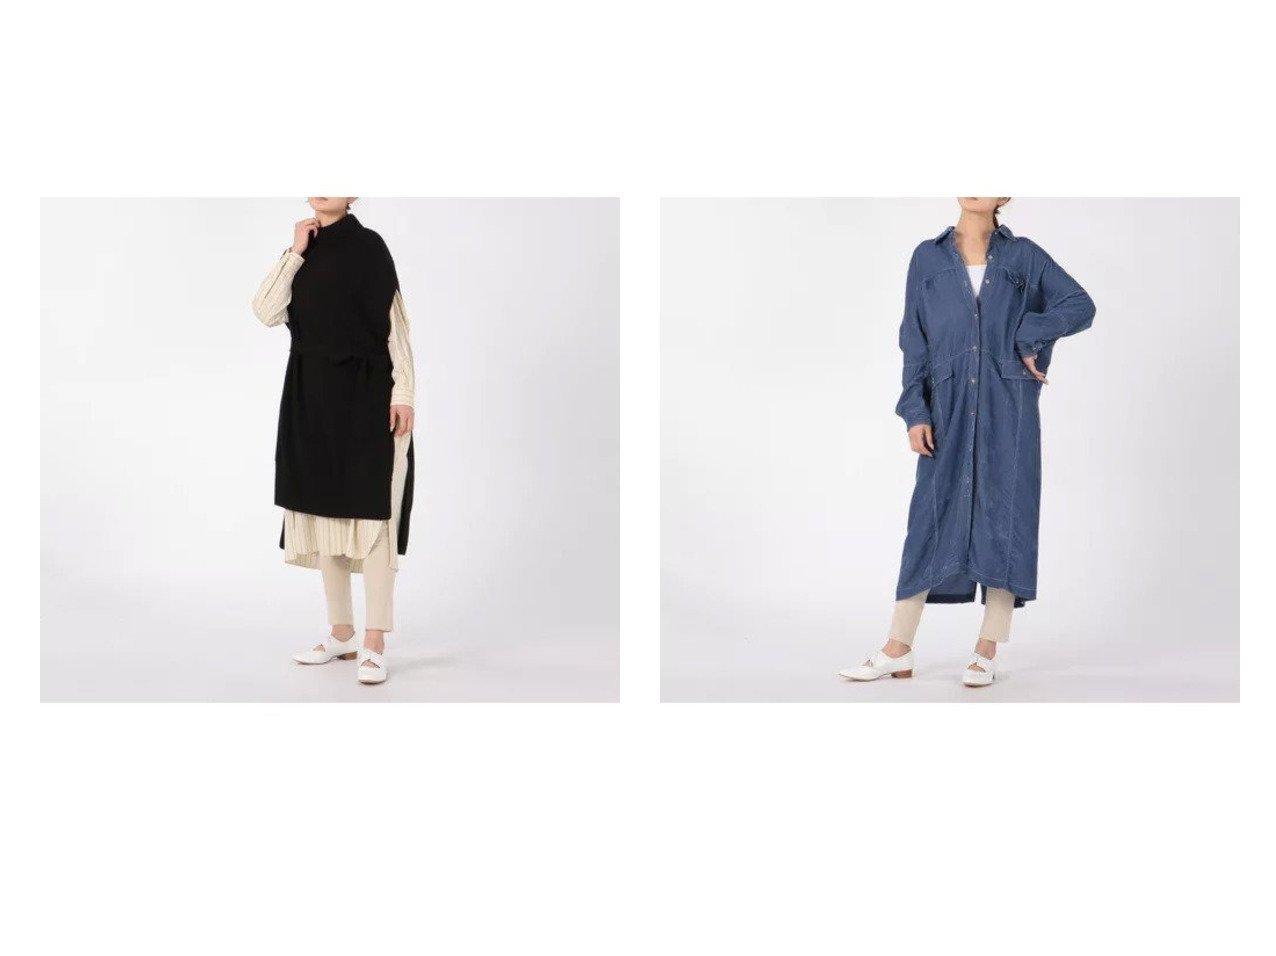 【TICCA/ティッカ】のスタンドネックロングベスト&コーデュロイシャツコート 【アウター】おすすめ!人気、トレンド・レディースファッションの通販 おすすめで人気の流行・トレンド、ファッションの通販商品 インテリア・家具・メンズファッション・キッズファッション・レディースファッション・服の通販 founy(ファニー) https://founy.com/ ファッション Fashion レディースファッション WOMEN アウター Coat Outerwear コート Coats トップス・カットソー Tops/Tshirt ベスト/ジレ Gilets/Vests イタリア コーデュロイ ジャケット ロング ワーク 羽織 長袖 トレンド フェルト ベスト |ID:crp329100000056381